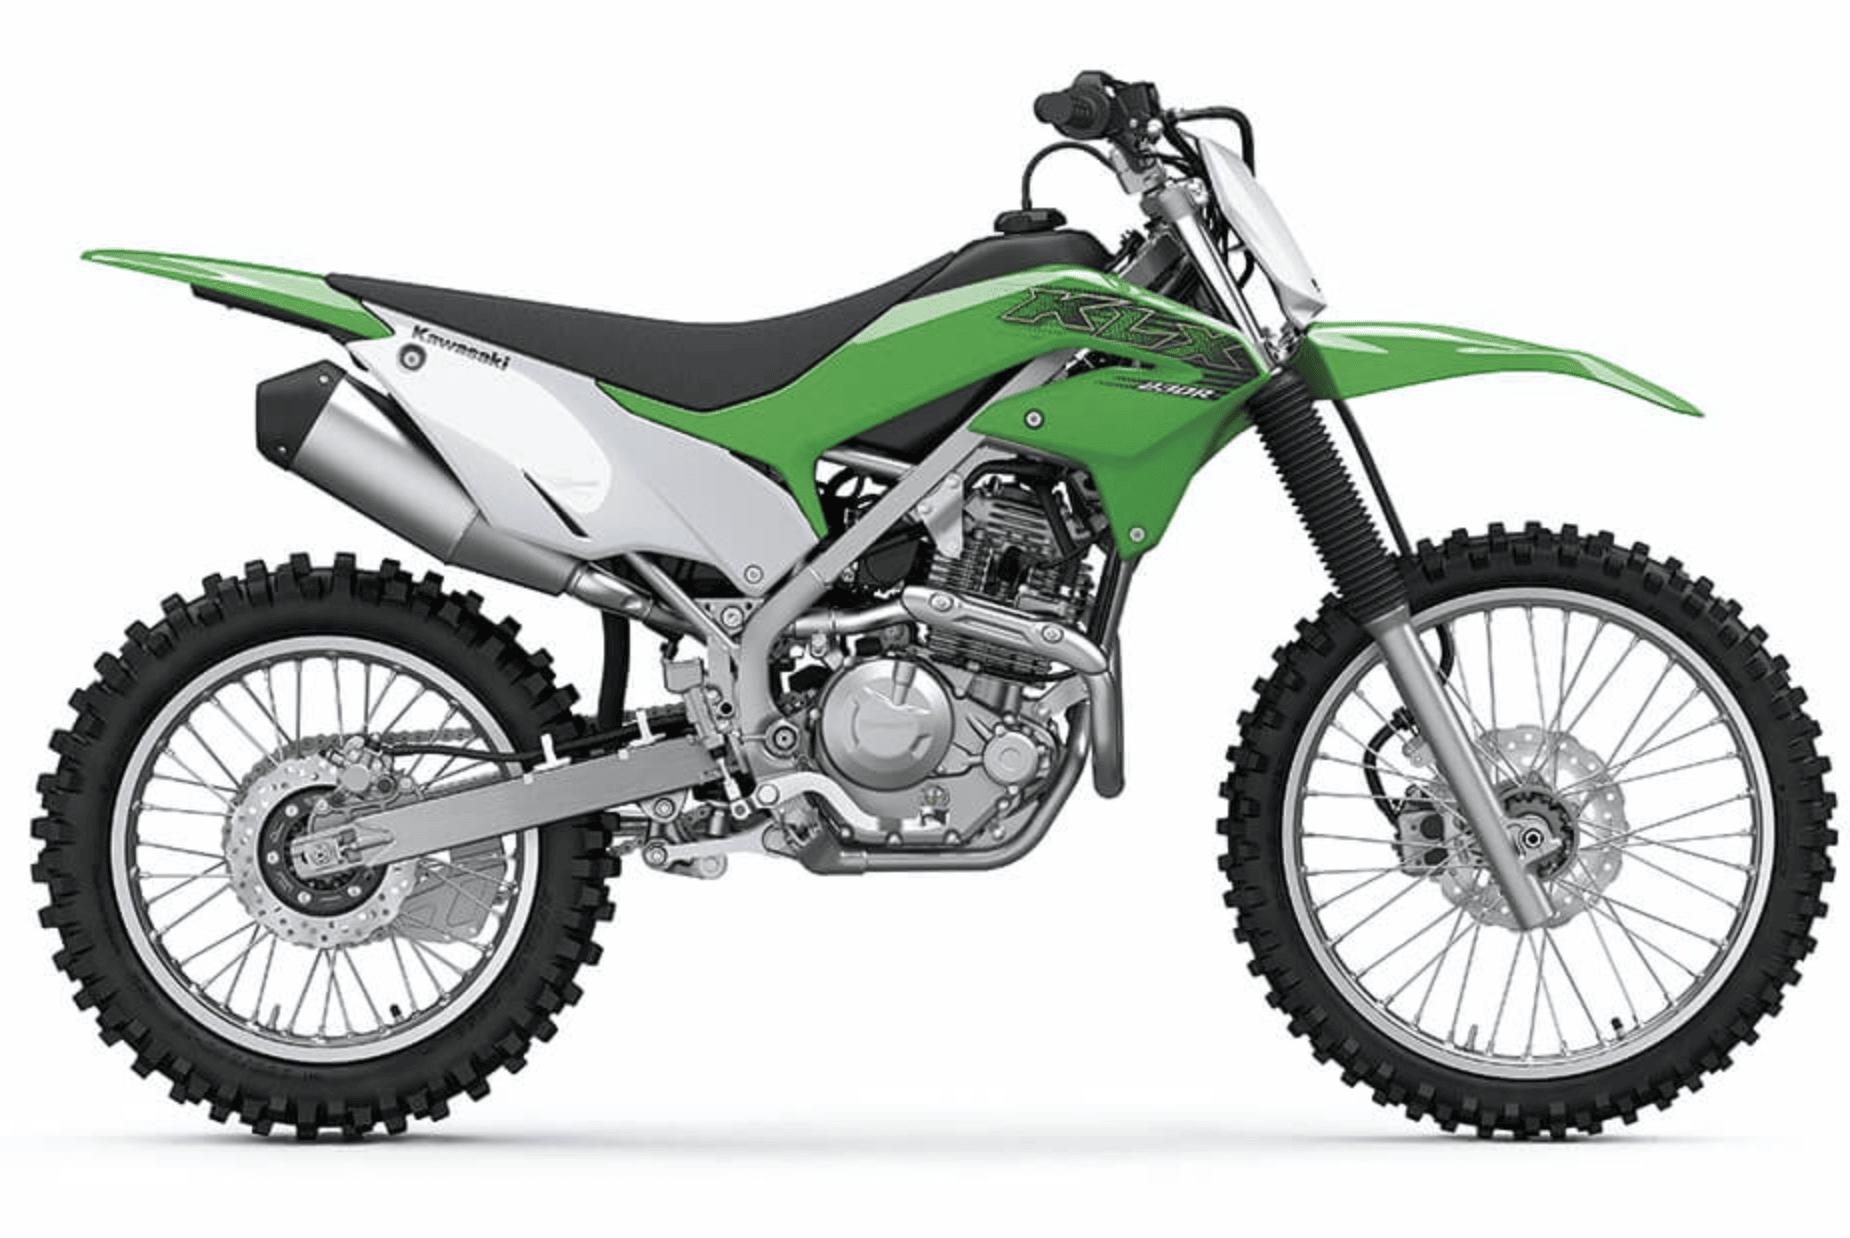 230 cc women's dirt bike